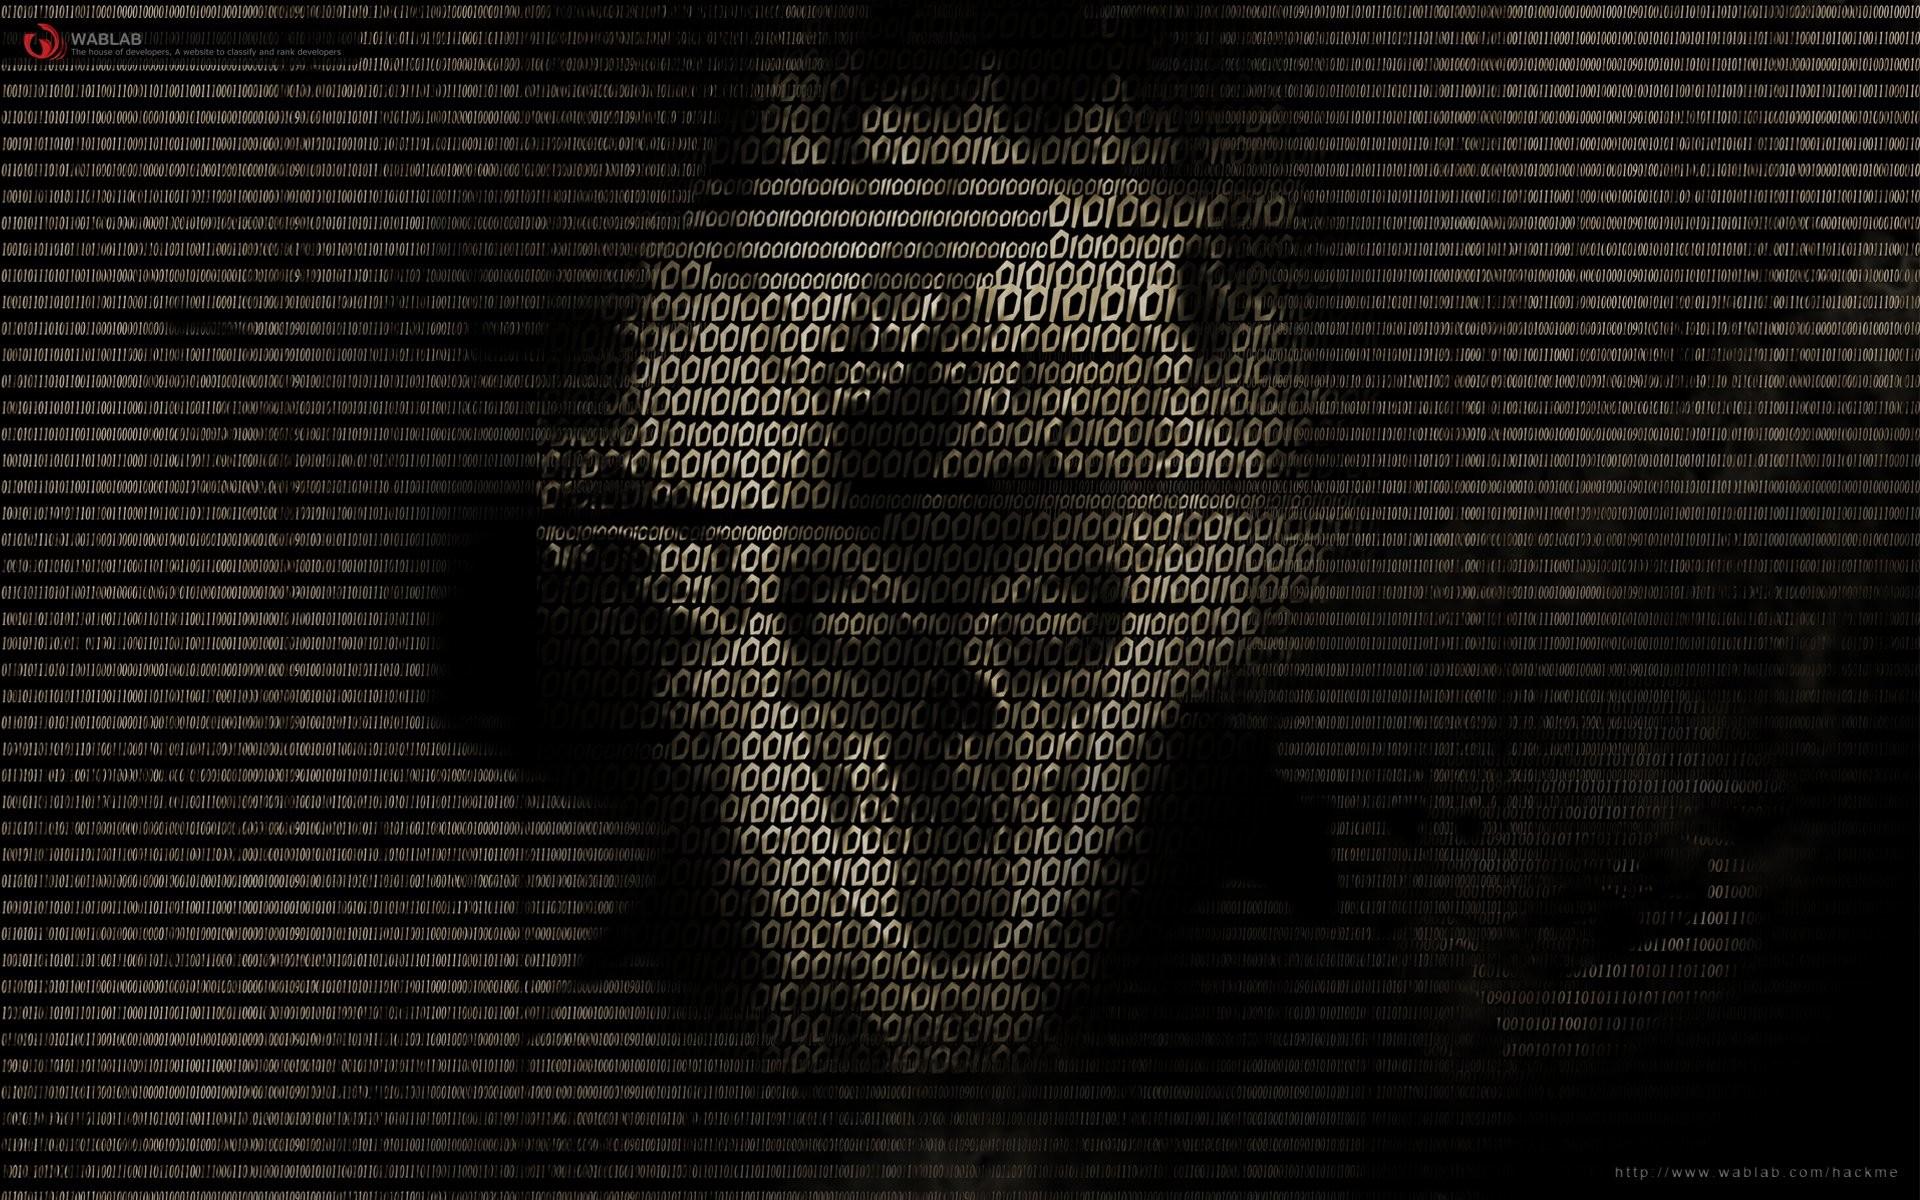 Hd Wallpaper - Hacker Wallpaper For Pc - HD Wallpaper